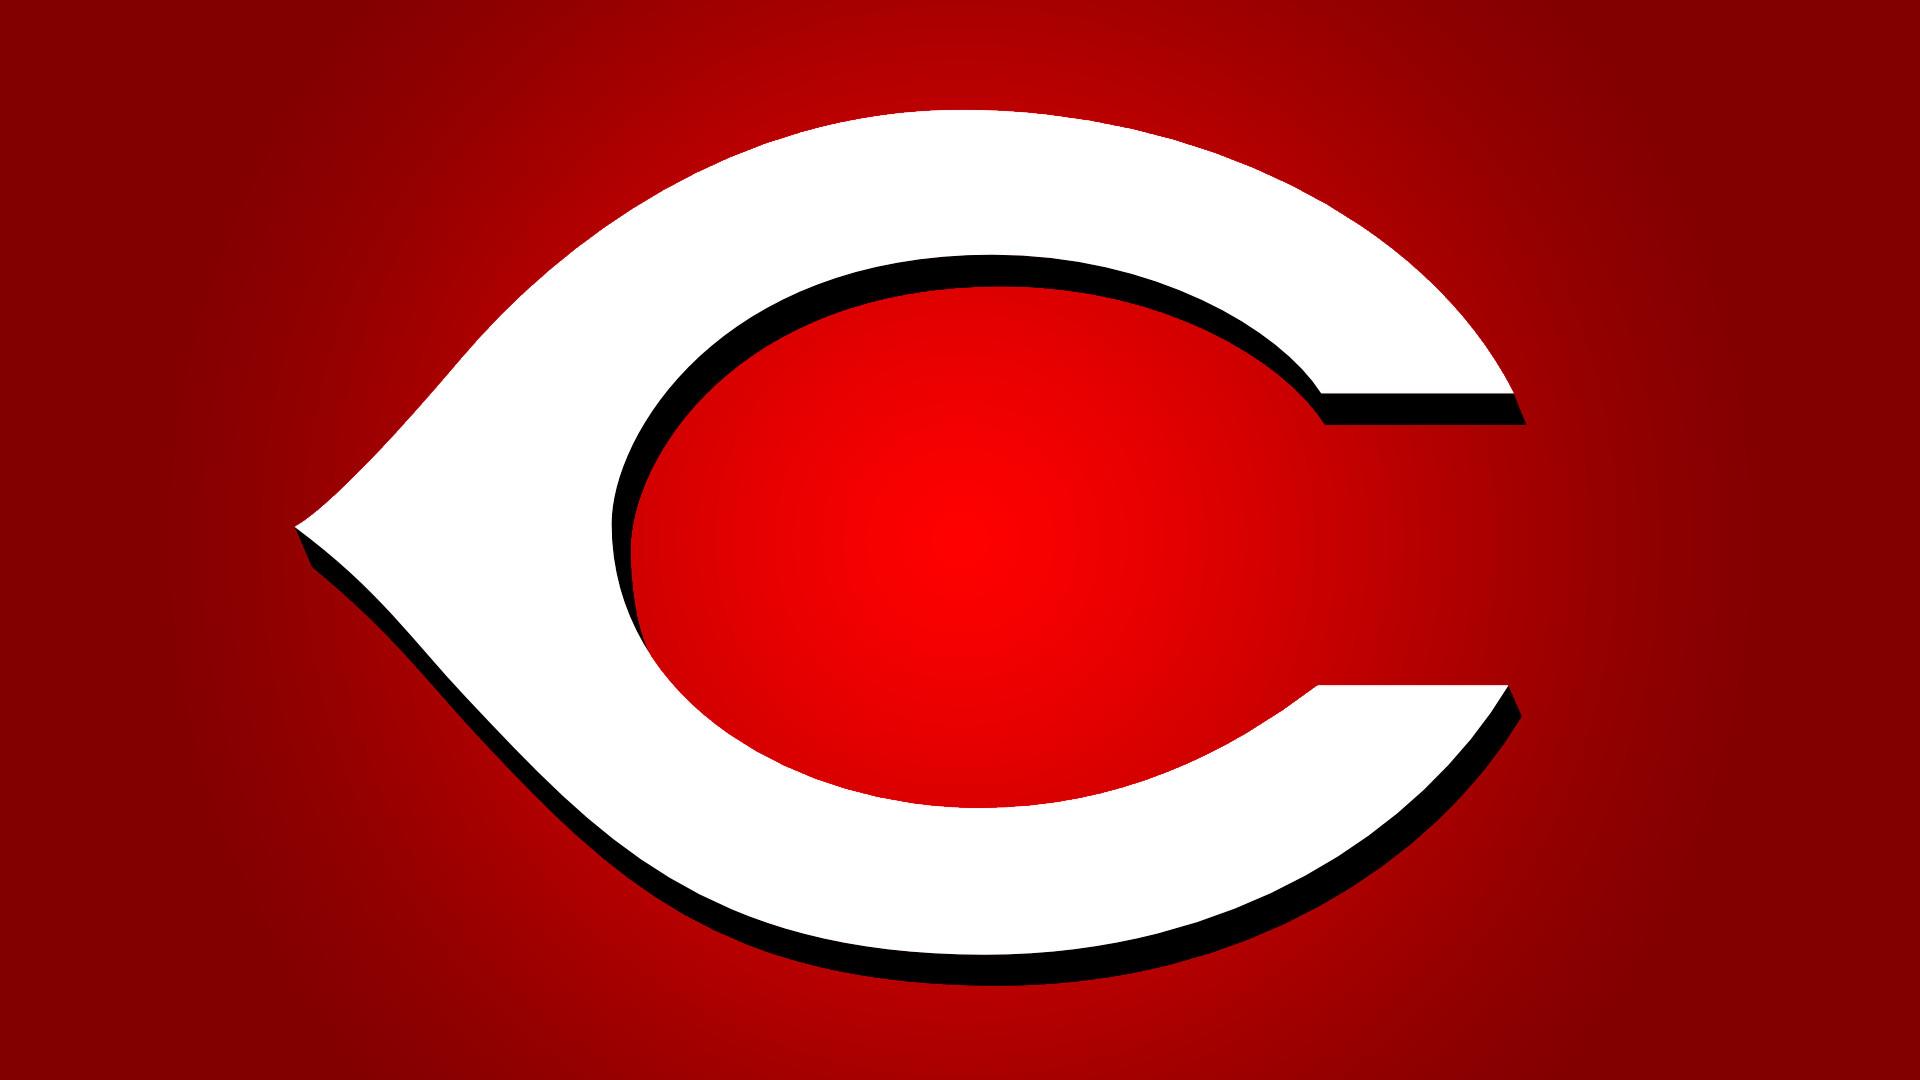 Cincinnati Reds Desktop Wallpapers – Wallpaper Cave